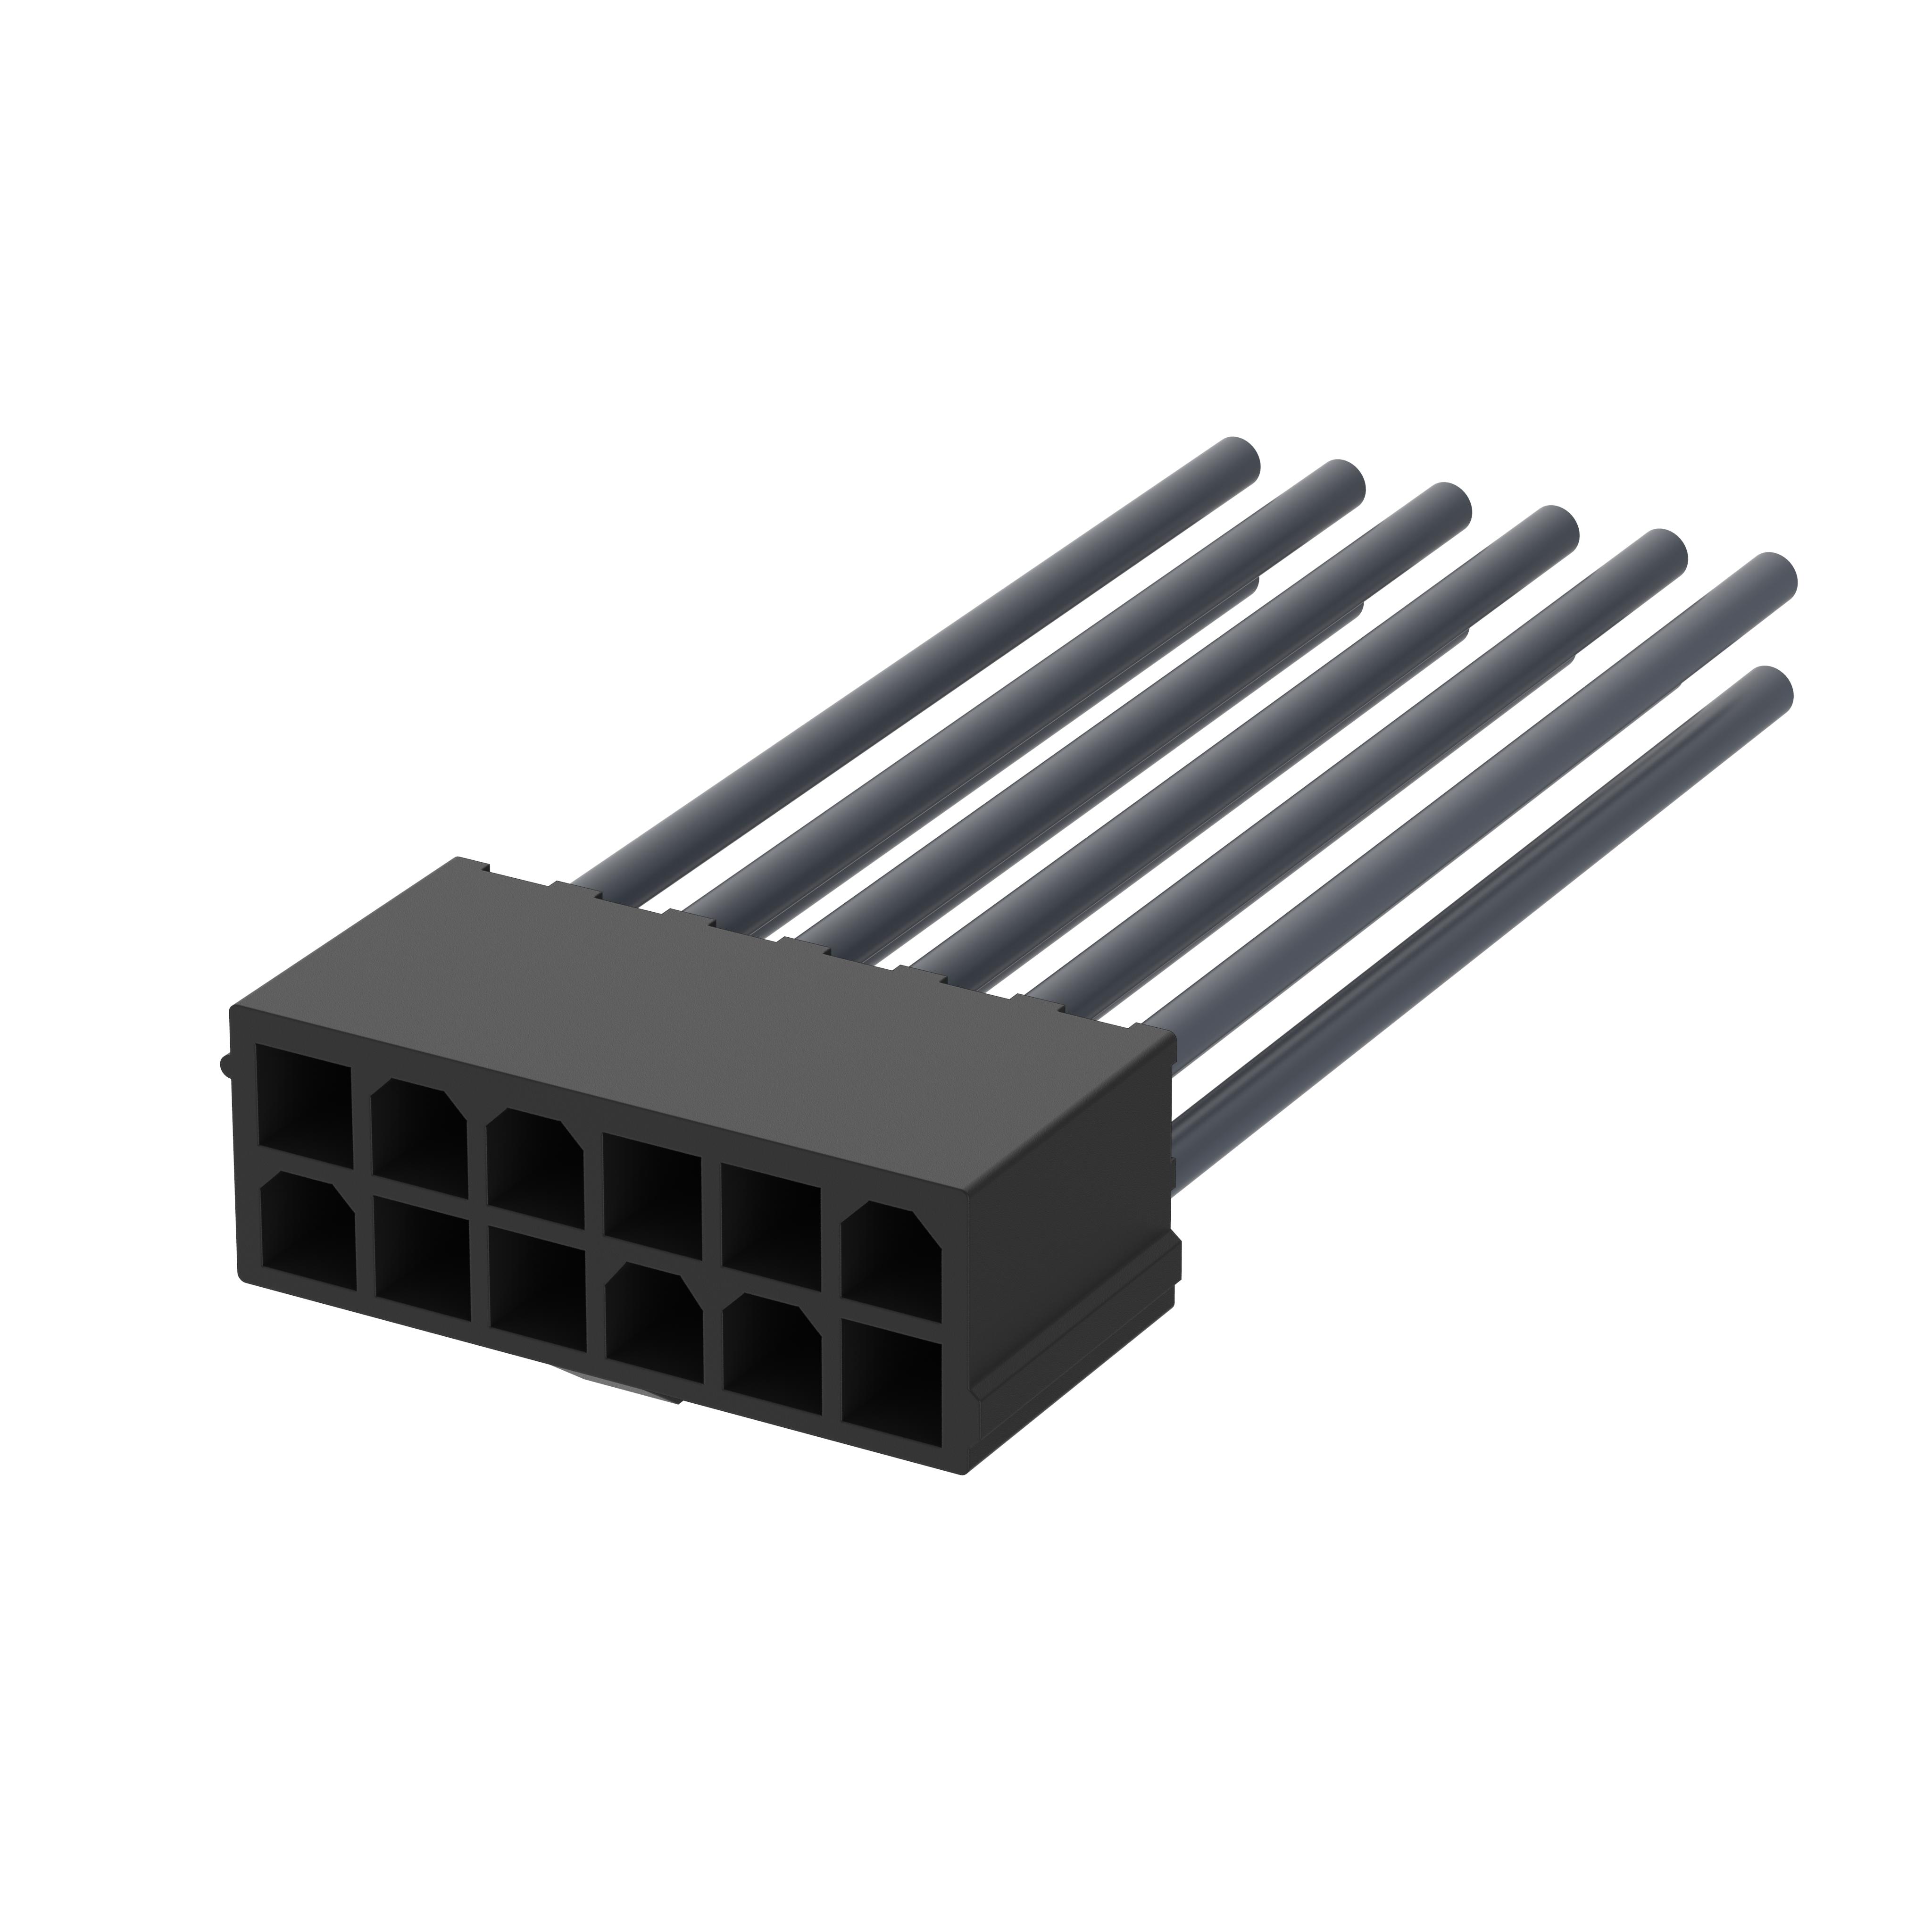 Litzensatz - L2DD005A - 4 polig, 0,75mm² 5,0m, PVC, mit Molex Stecker